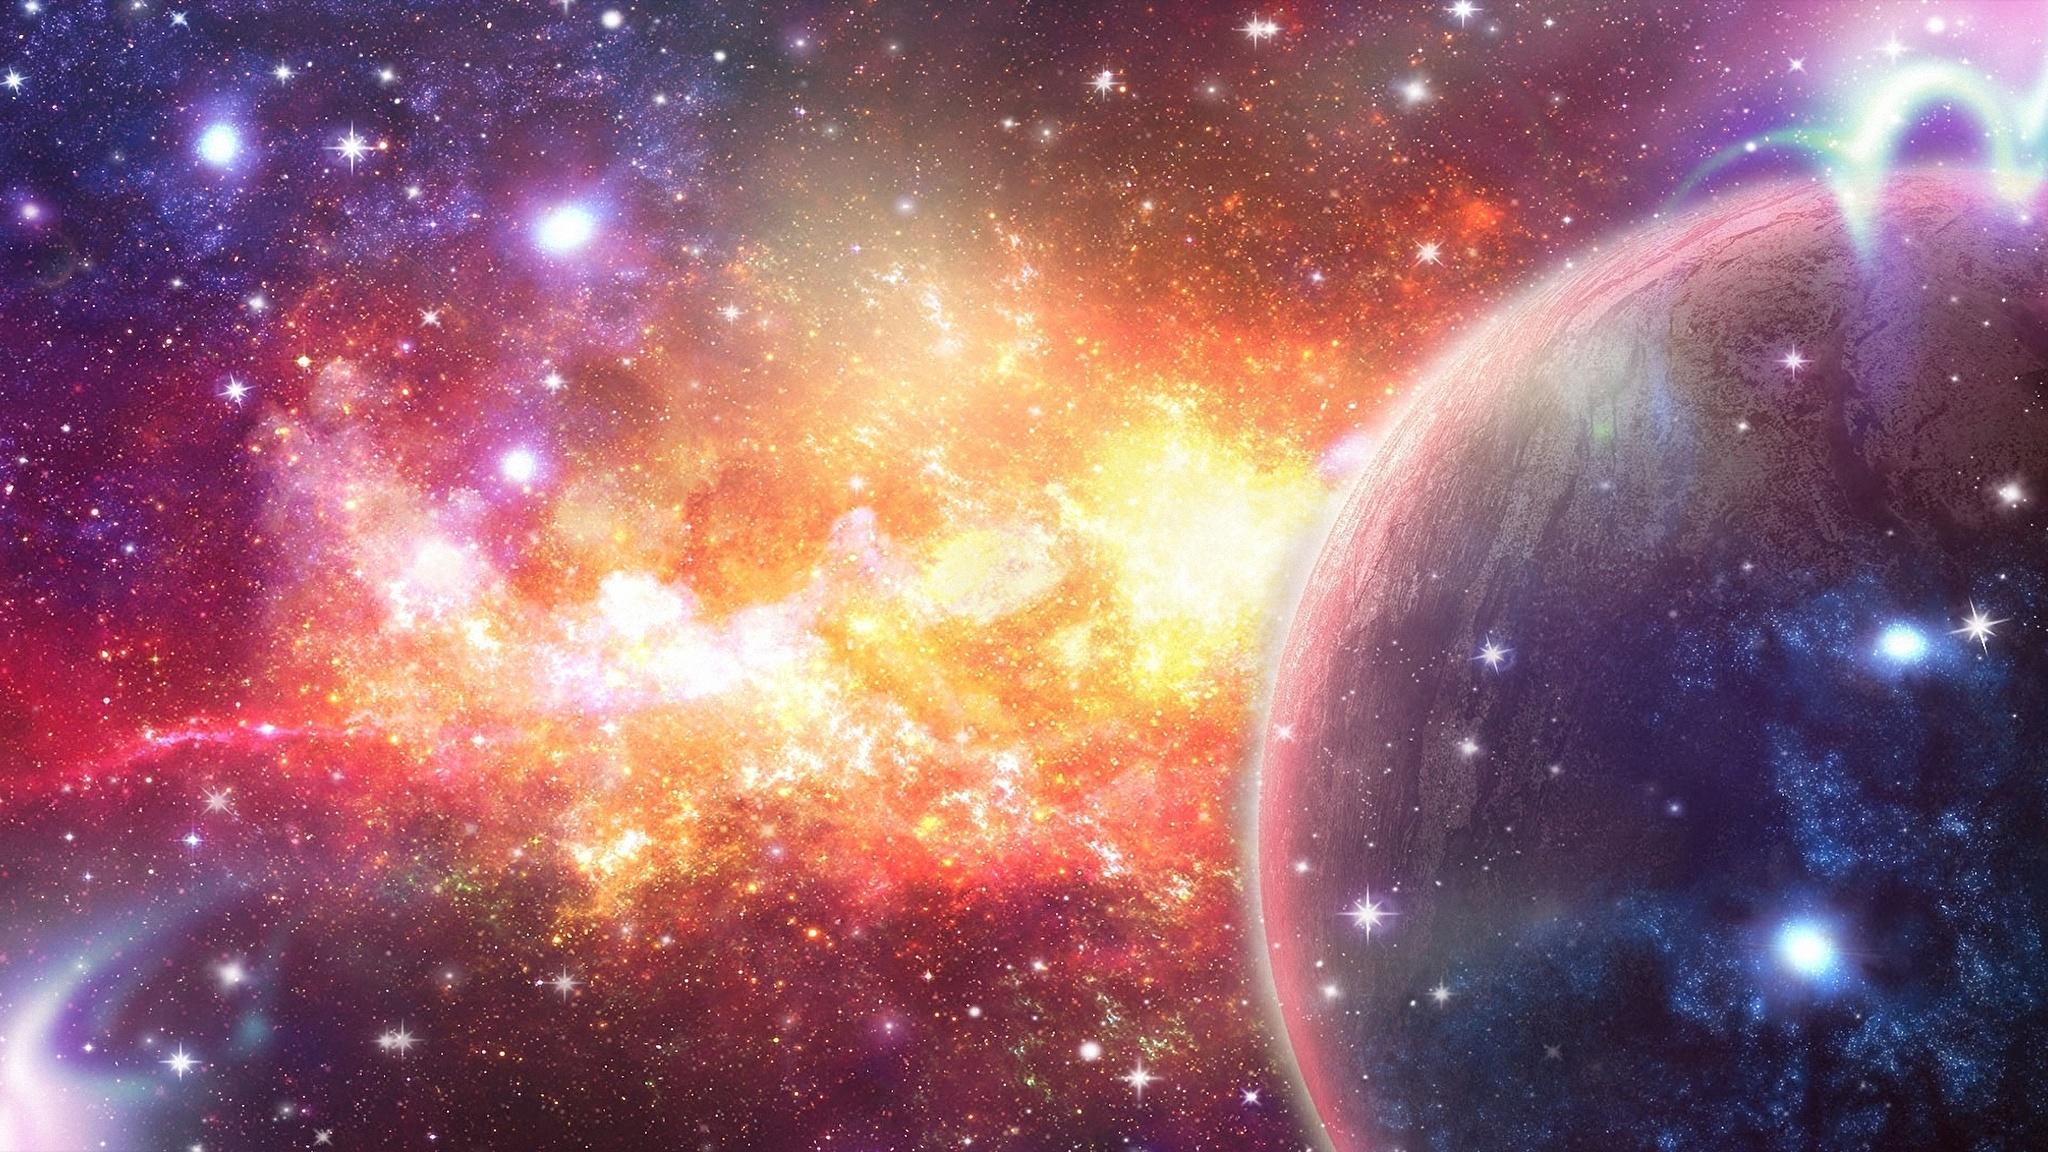 Обои планета туманность картинки на рабочий стол на тему Космос - скачать без смс